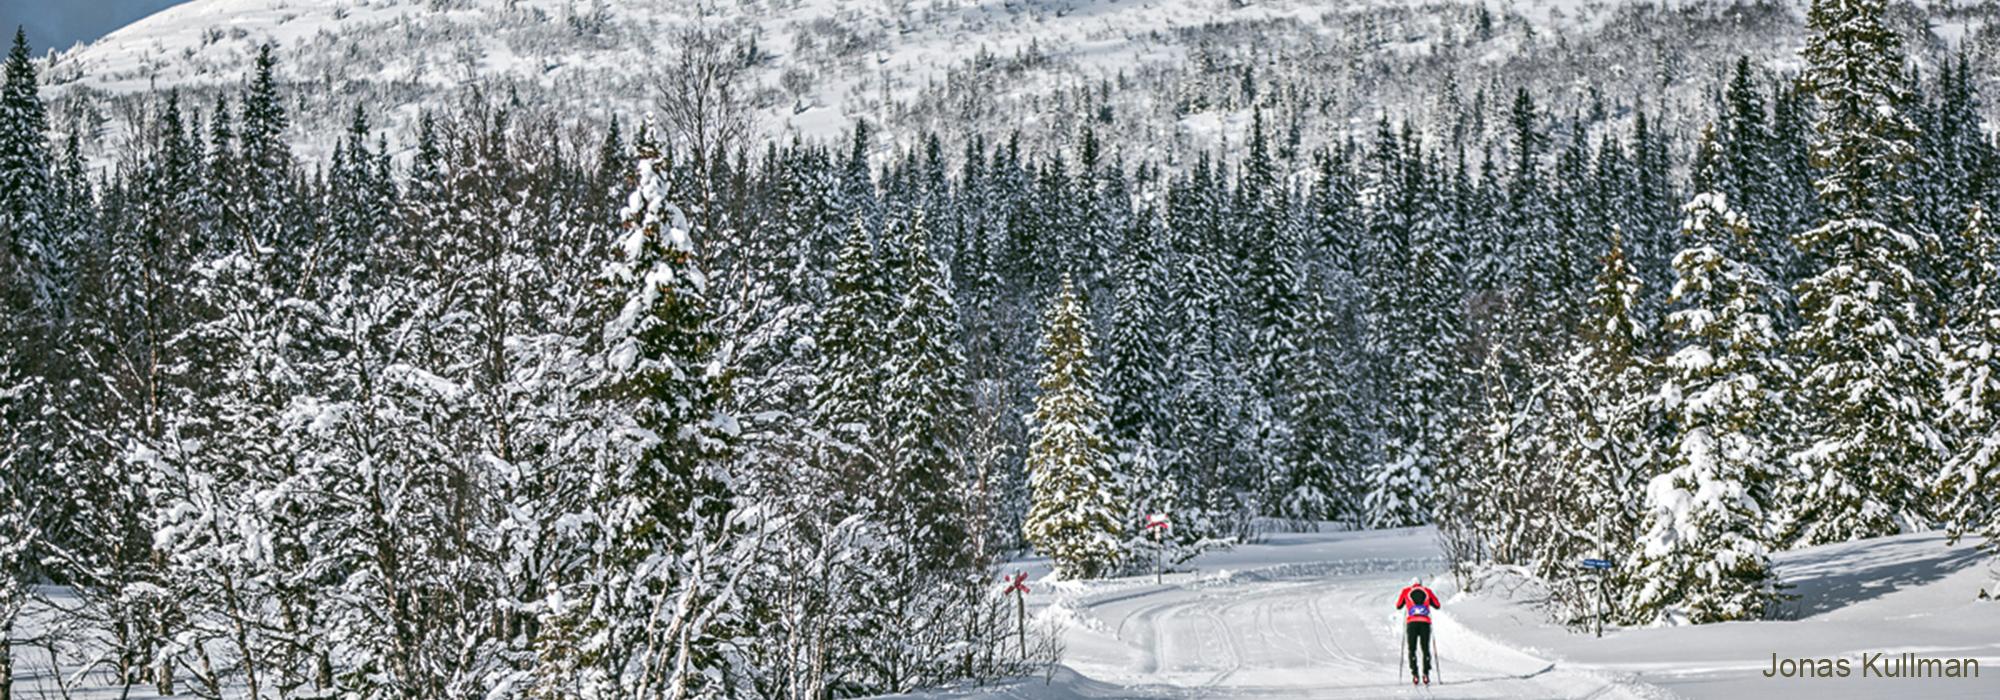 Södra Årefjällen, Fjällupplevelser På Skidor, Edsåsdalen, Vackermorundan, 120